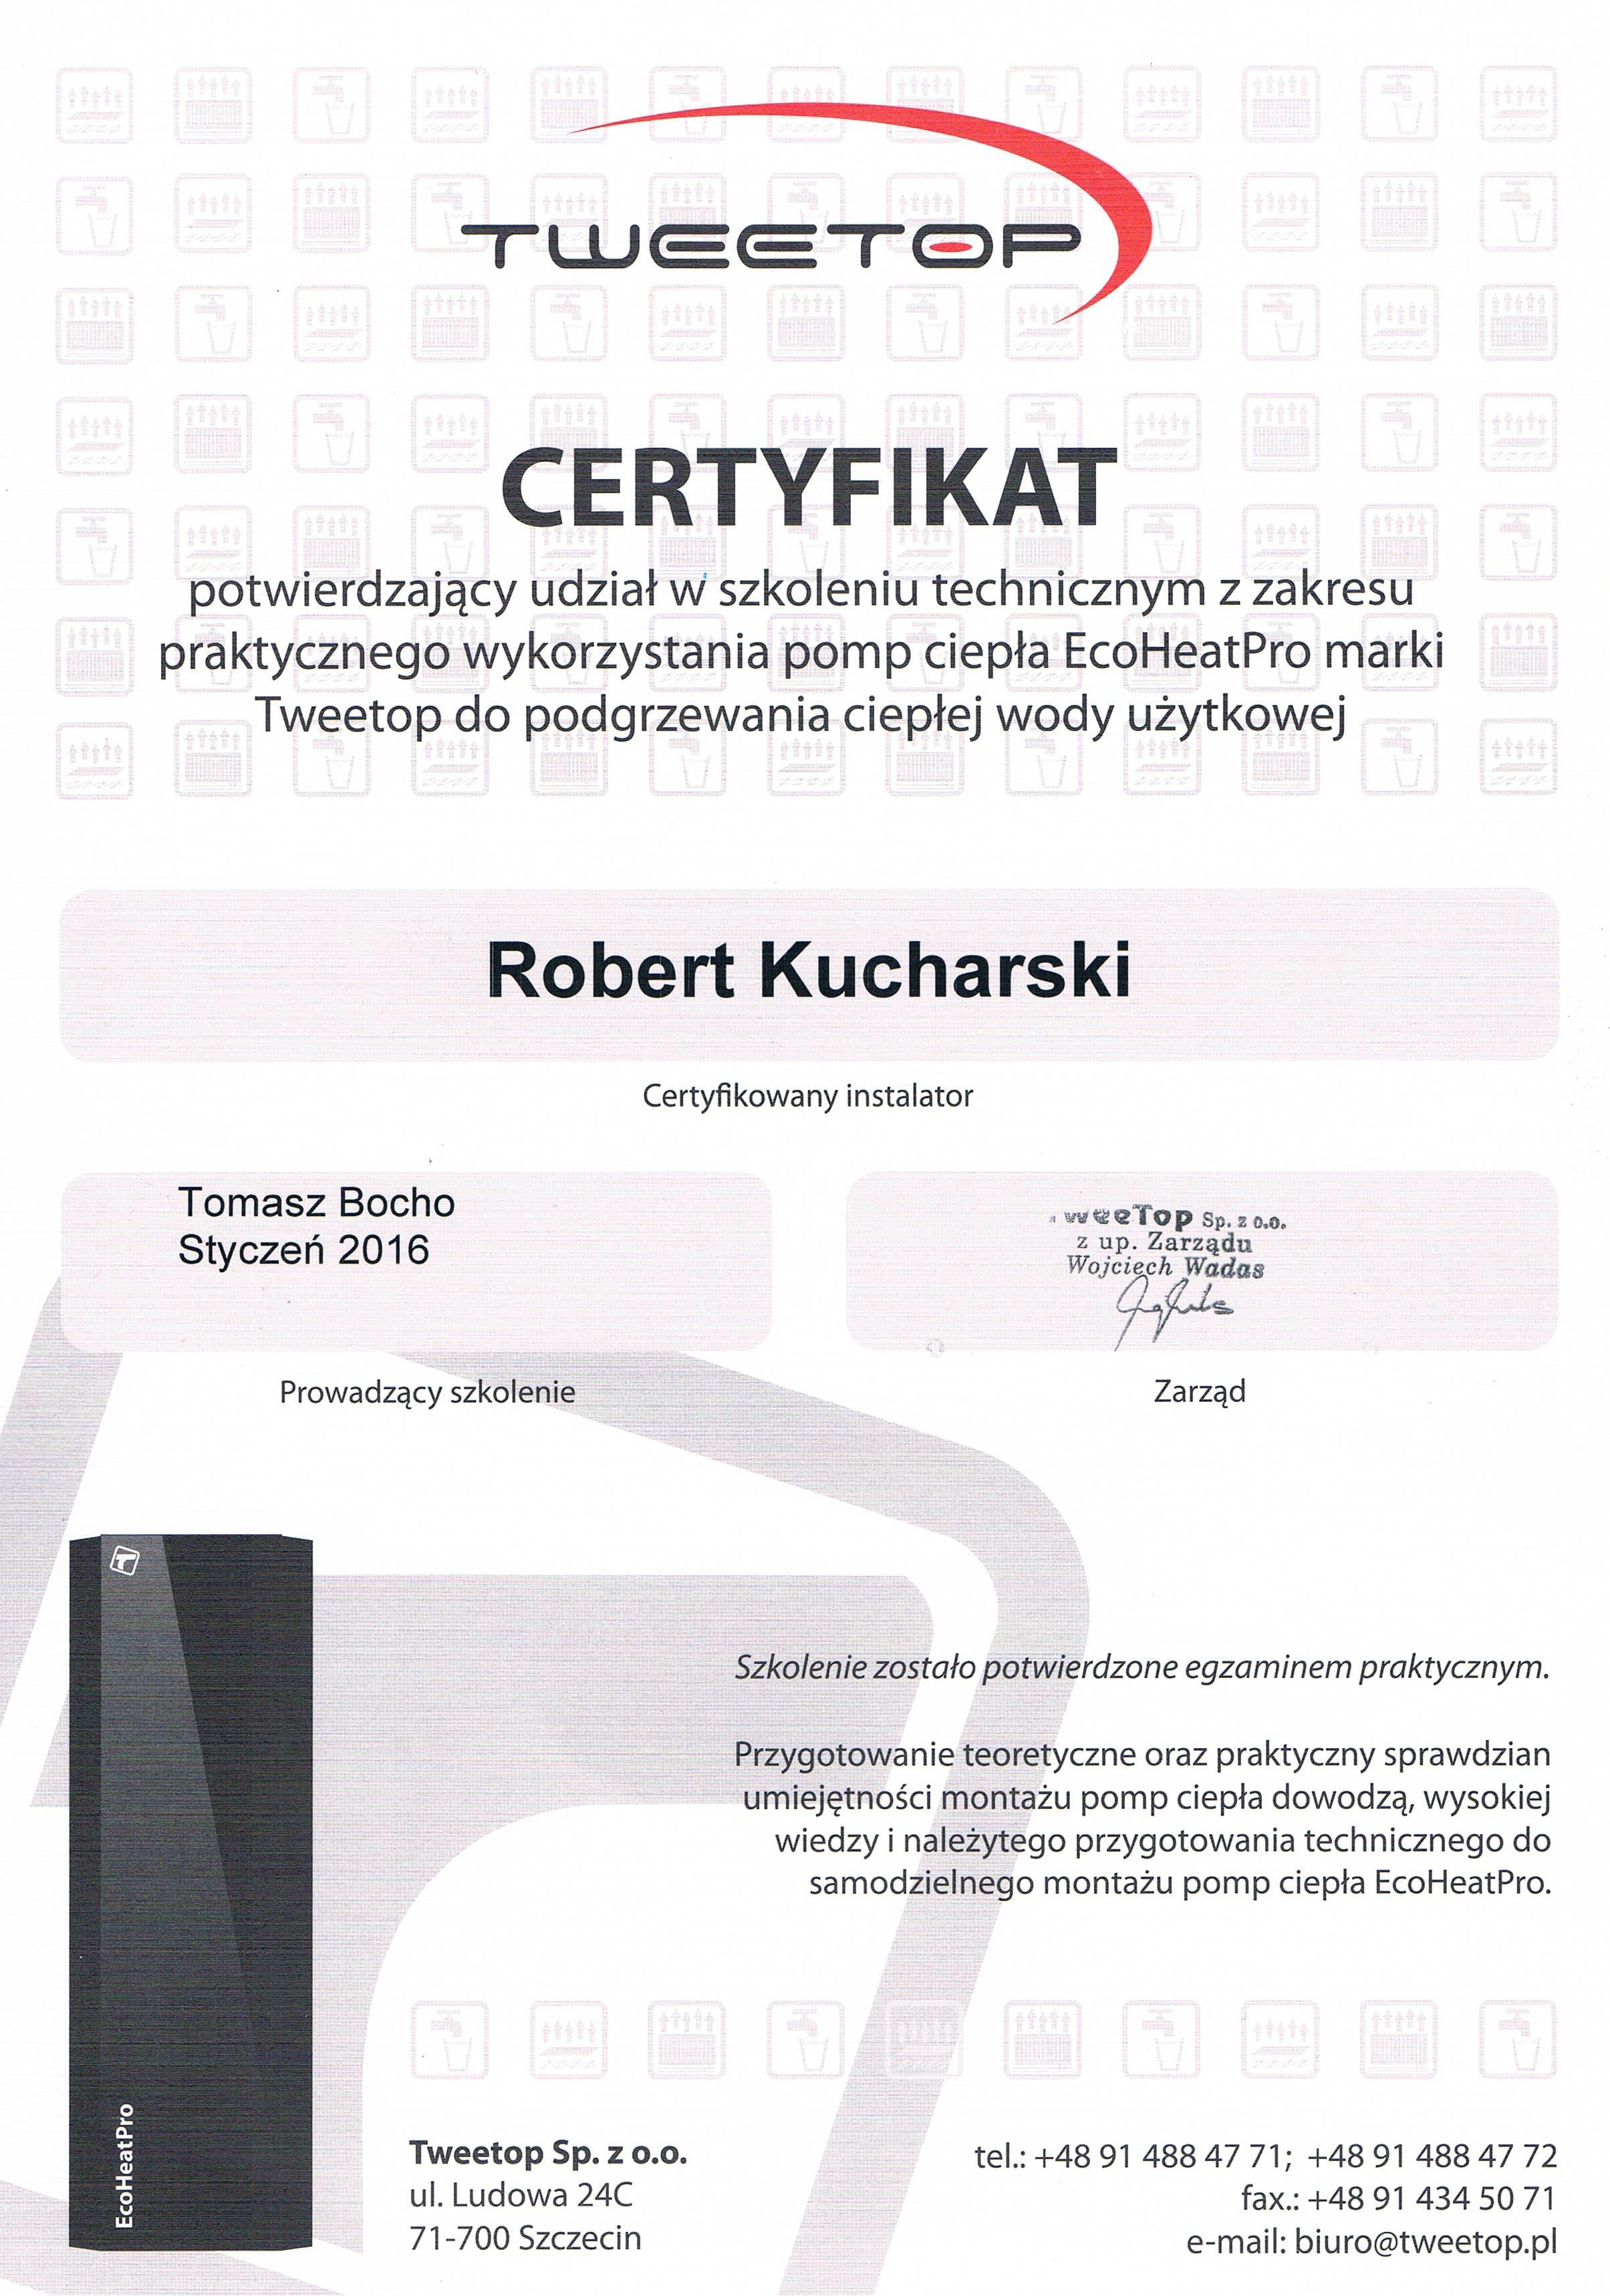 Certyfikat autoryzacji Tweetop